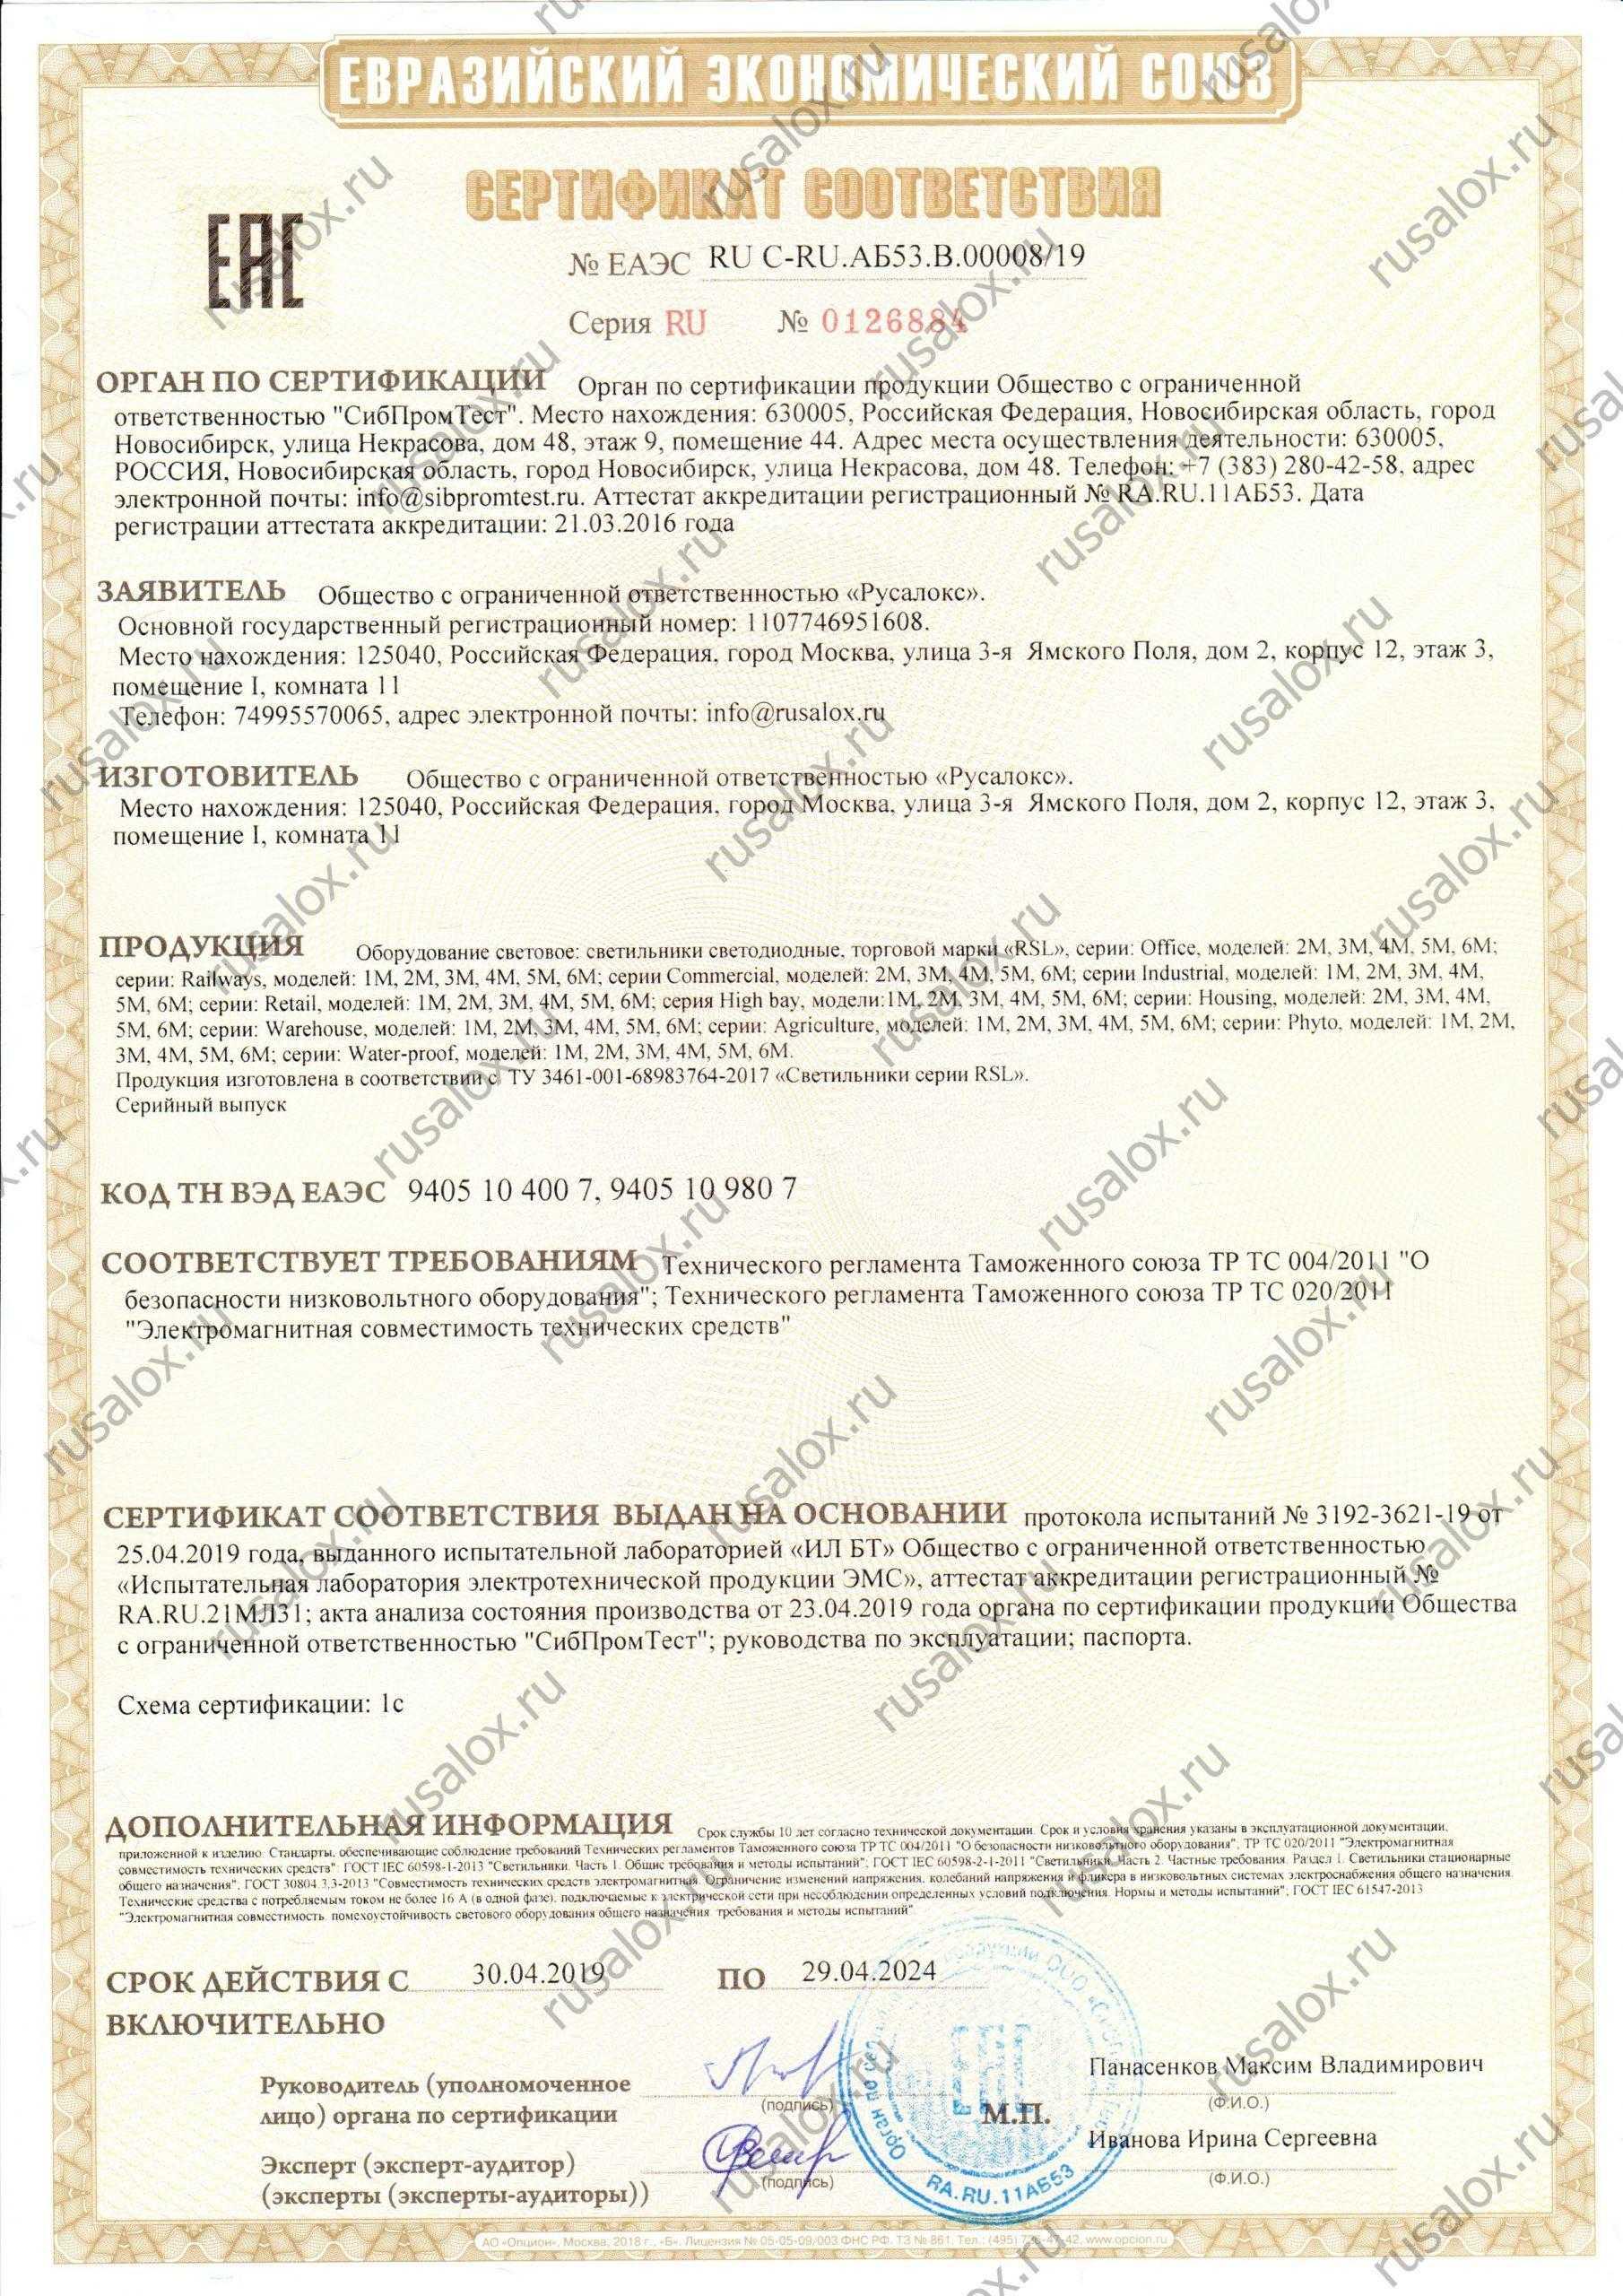 Сертификат соответствия светодиодных светильников серии RSL